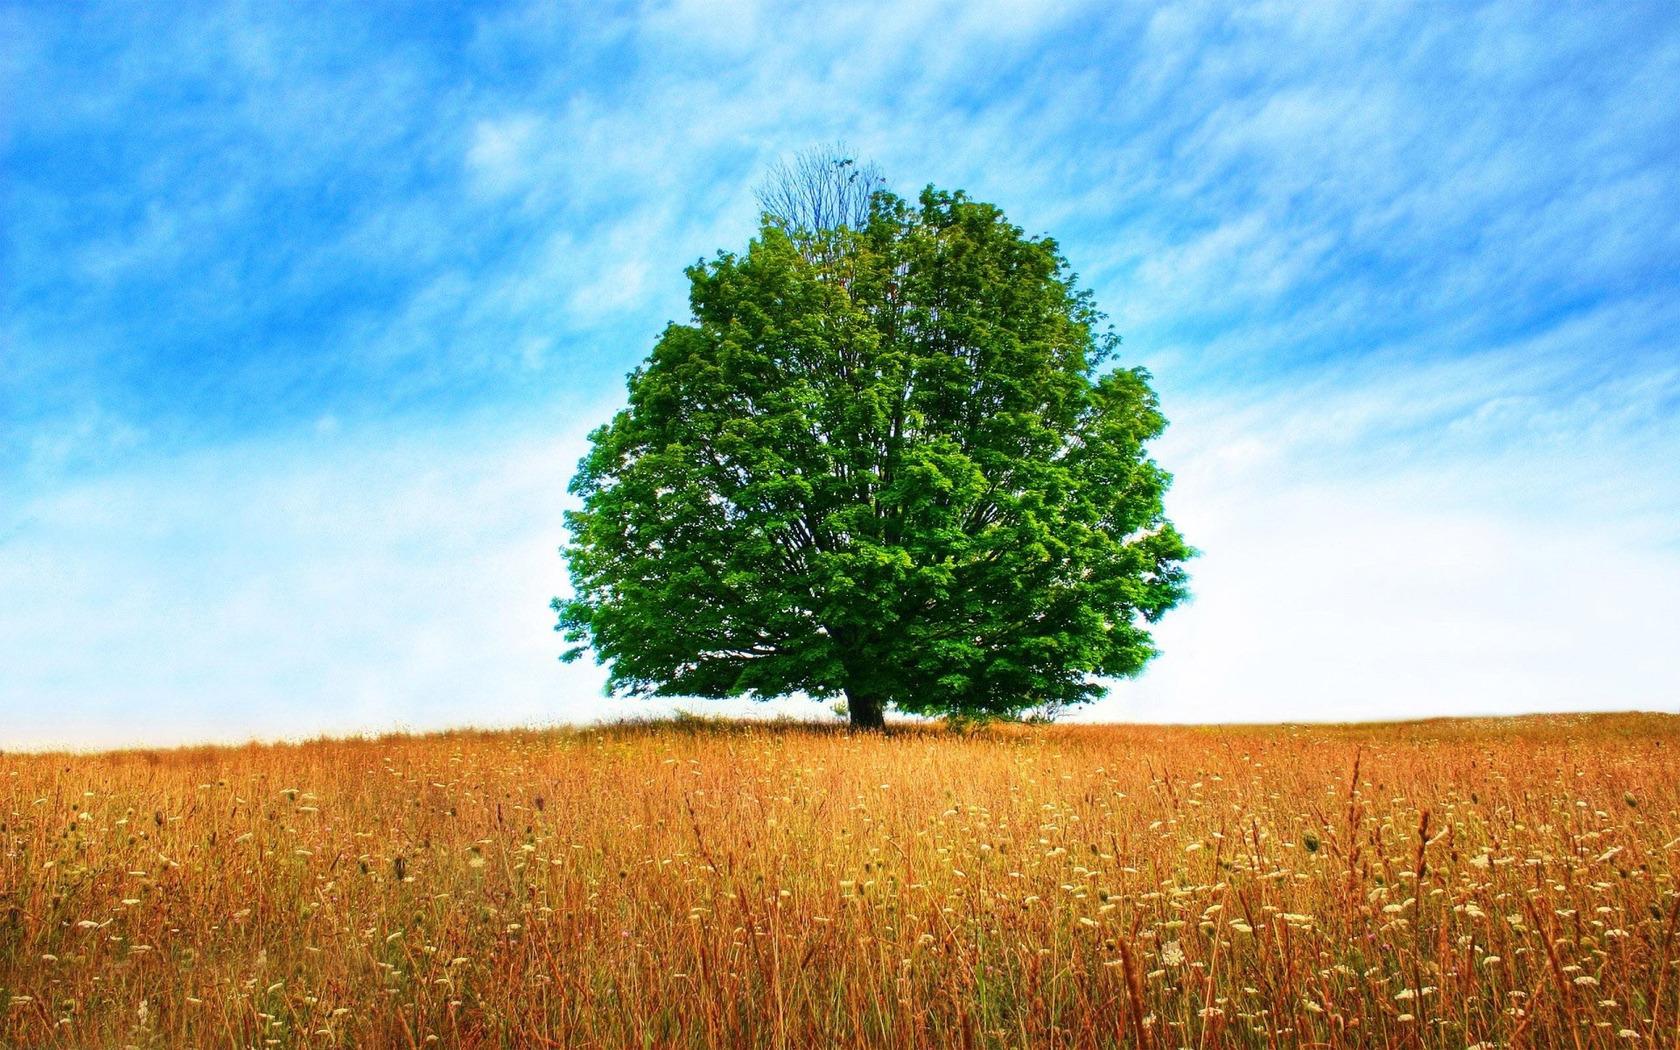 Lone tree wallpaper 11573 1680x1050